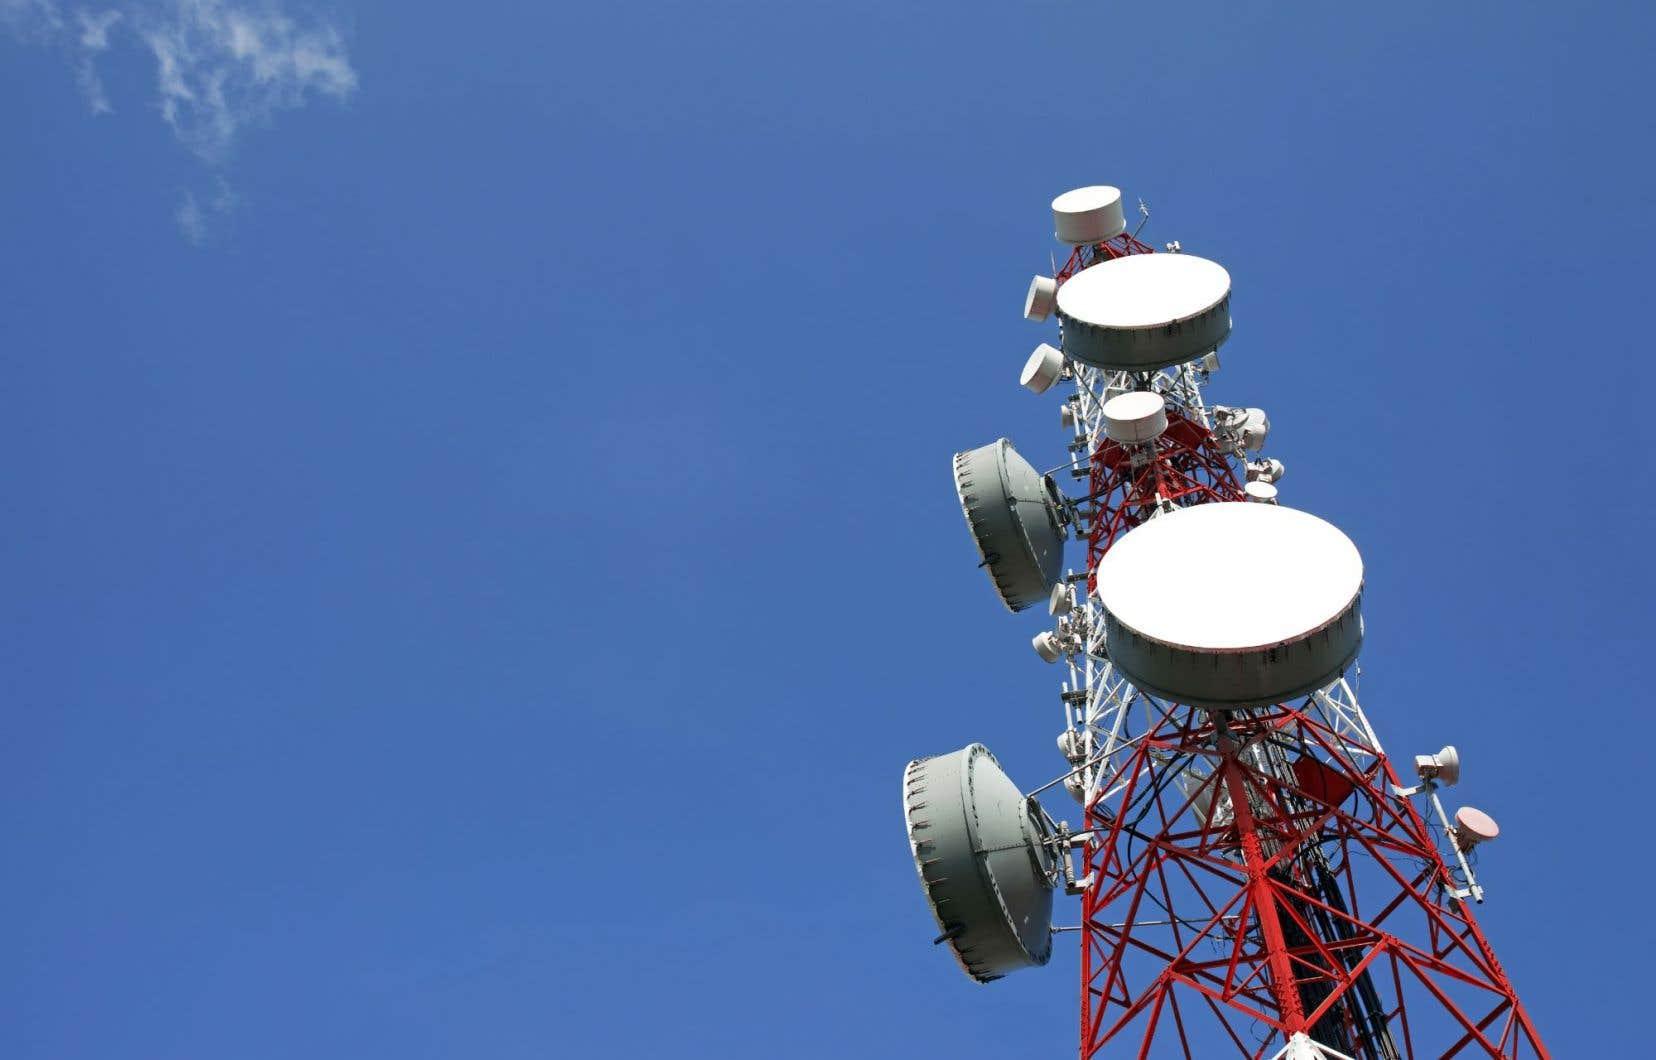 Les compagnies de télécommunication sont souvent réticentes à payer pour des tours de transmission dans des secteurs à faible densité.